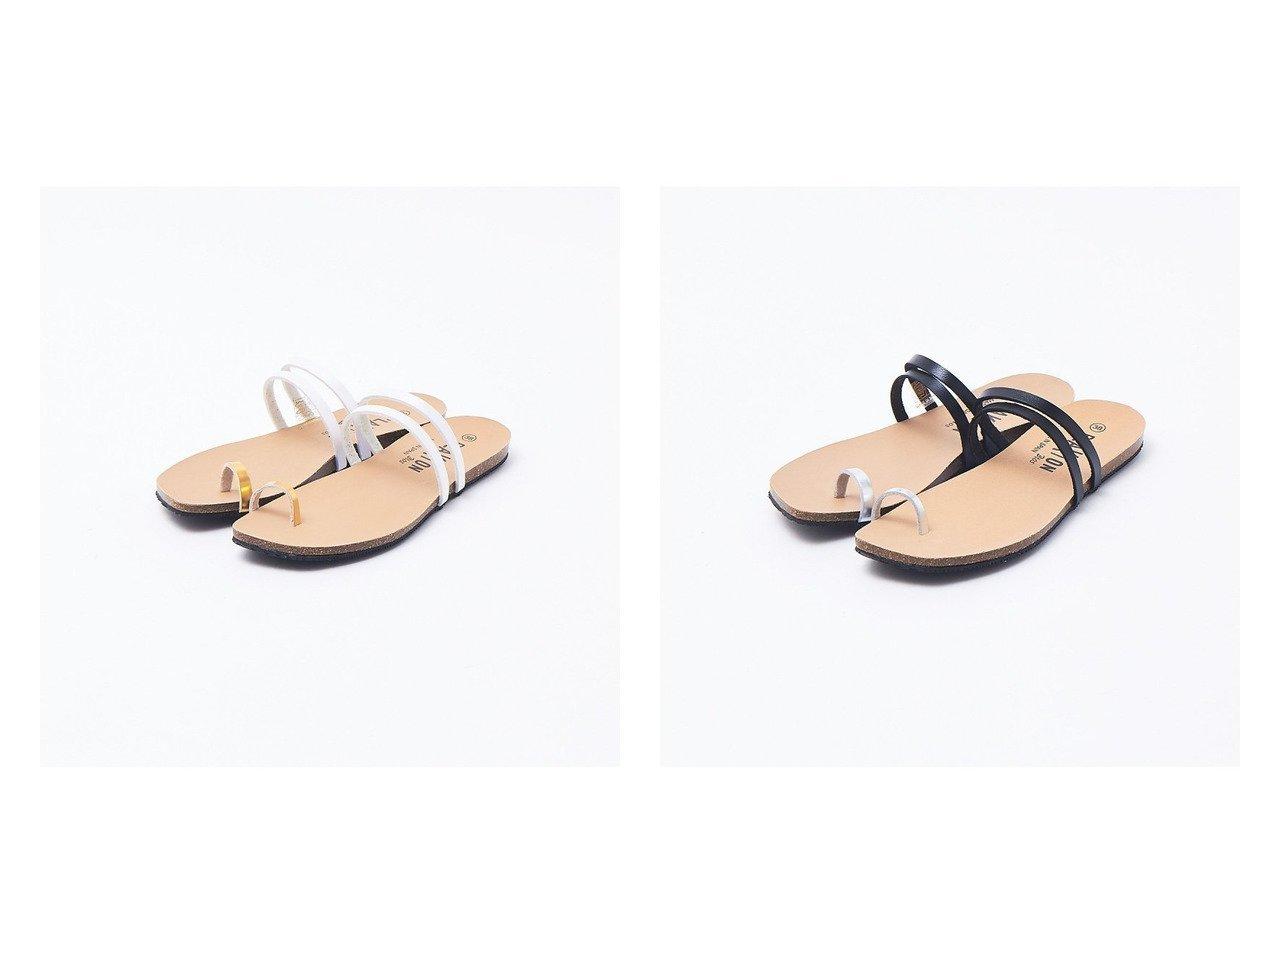 【Rouge vif la cle/ルージュヴィフラクレ】の【PLAKTON】トングサンダル 【シューズ・靴】おすすめ!人気、トレンド・レディースファッションの通販 おすすめで人気の流行・トレンド、ファッションの通販商品 メンズファッション・キッズファッション・インテリア・家具・レディースファッション・服の通販 founy(ファニー) https://founy.com/ ファッション Fashion レディースファッション WOMEN サンダル シューズ フラット ミュール |ID:crp329100000035489